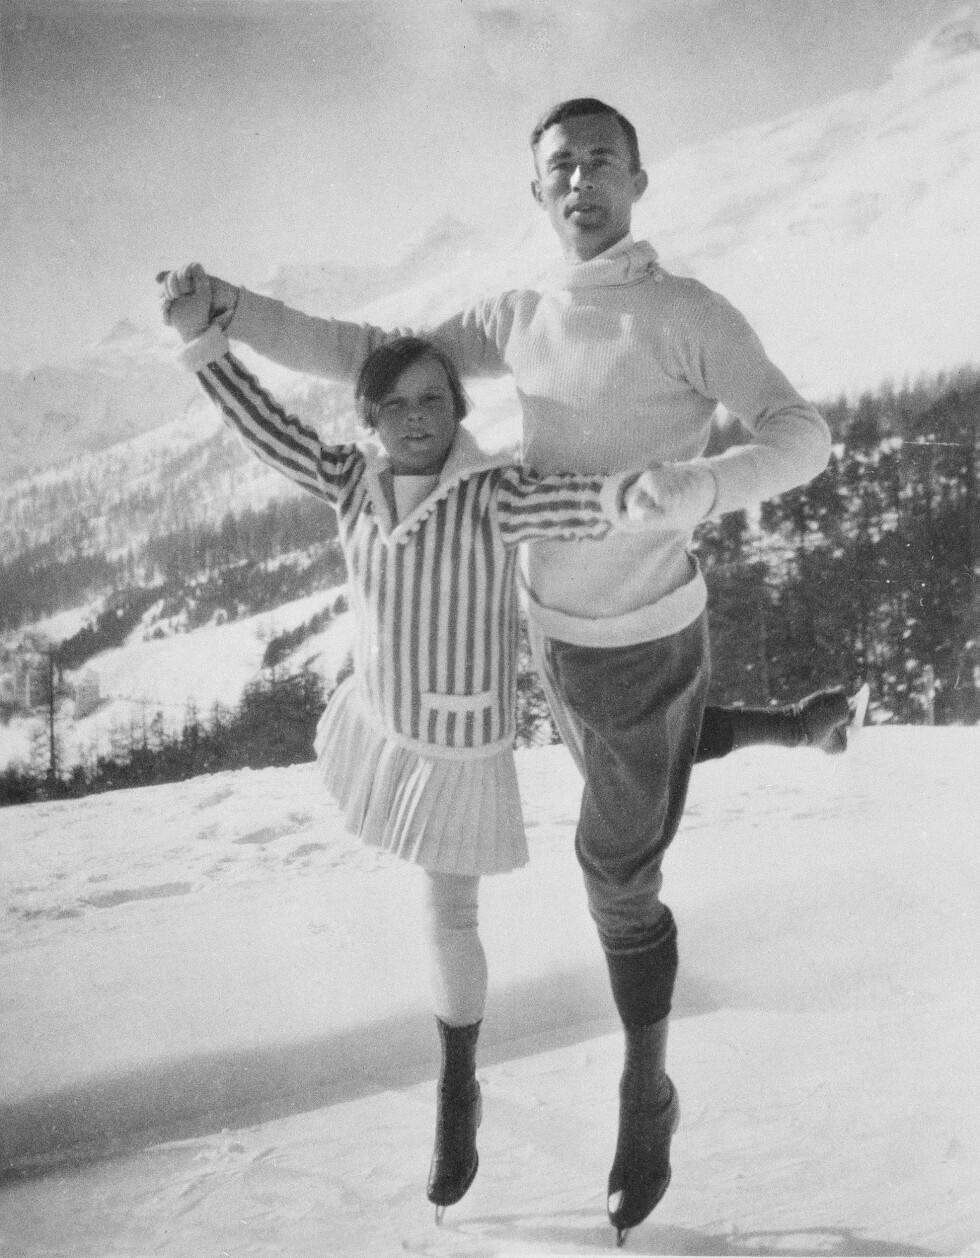 FØRSTE OL: Sonja var bare 11 år da hun deltok i sitt første OL i Chamonix i Frankrike i 1924. Hun kom sist av alle, og faren hennes, Wilhelm Henie klaget over resultatet og mente at Sonja ikke ble tatt på alvor på grunn av sin unge alder. Her poserer hun i Chamonix med OL-vinneren Gilles Grafstrom. Foto: NTB scanpix